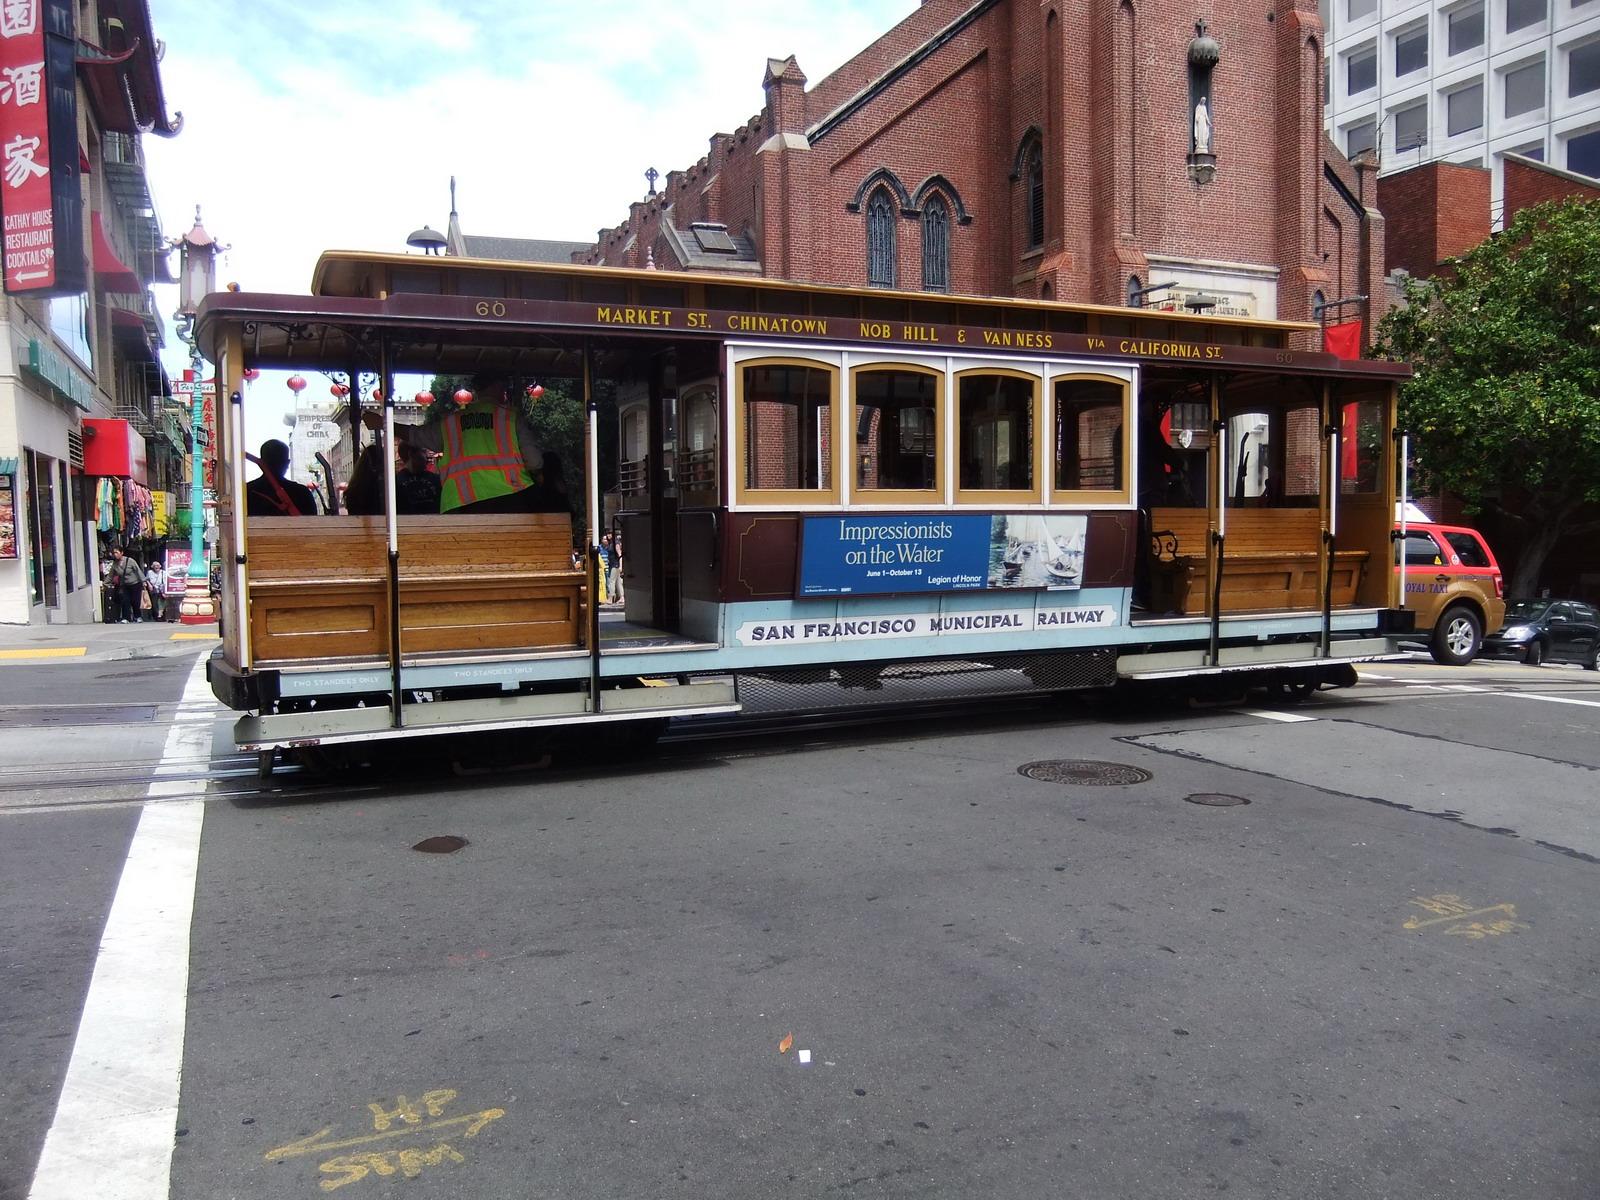 США, Сан-Франциско, гусеничный трамвай